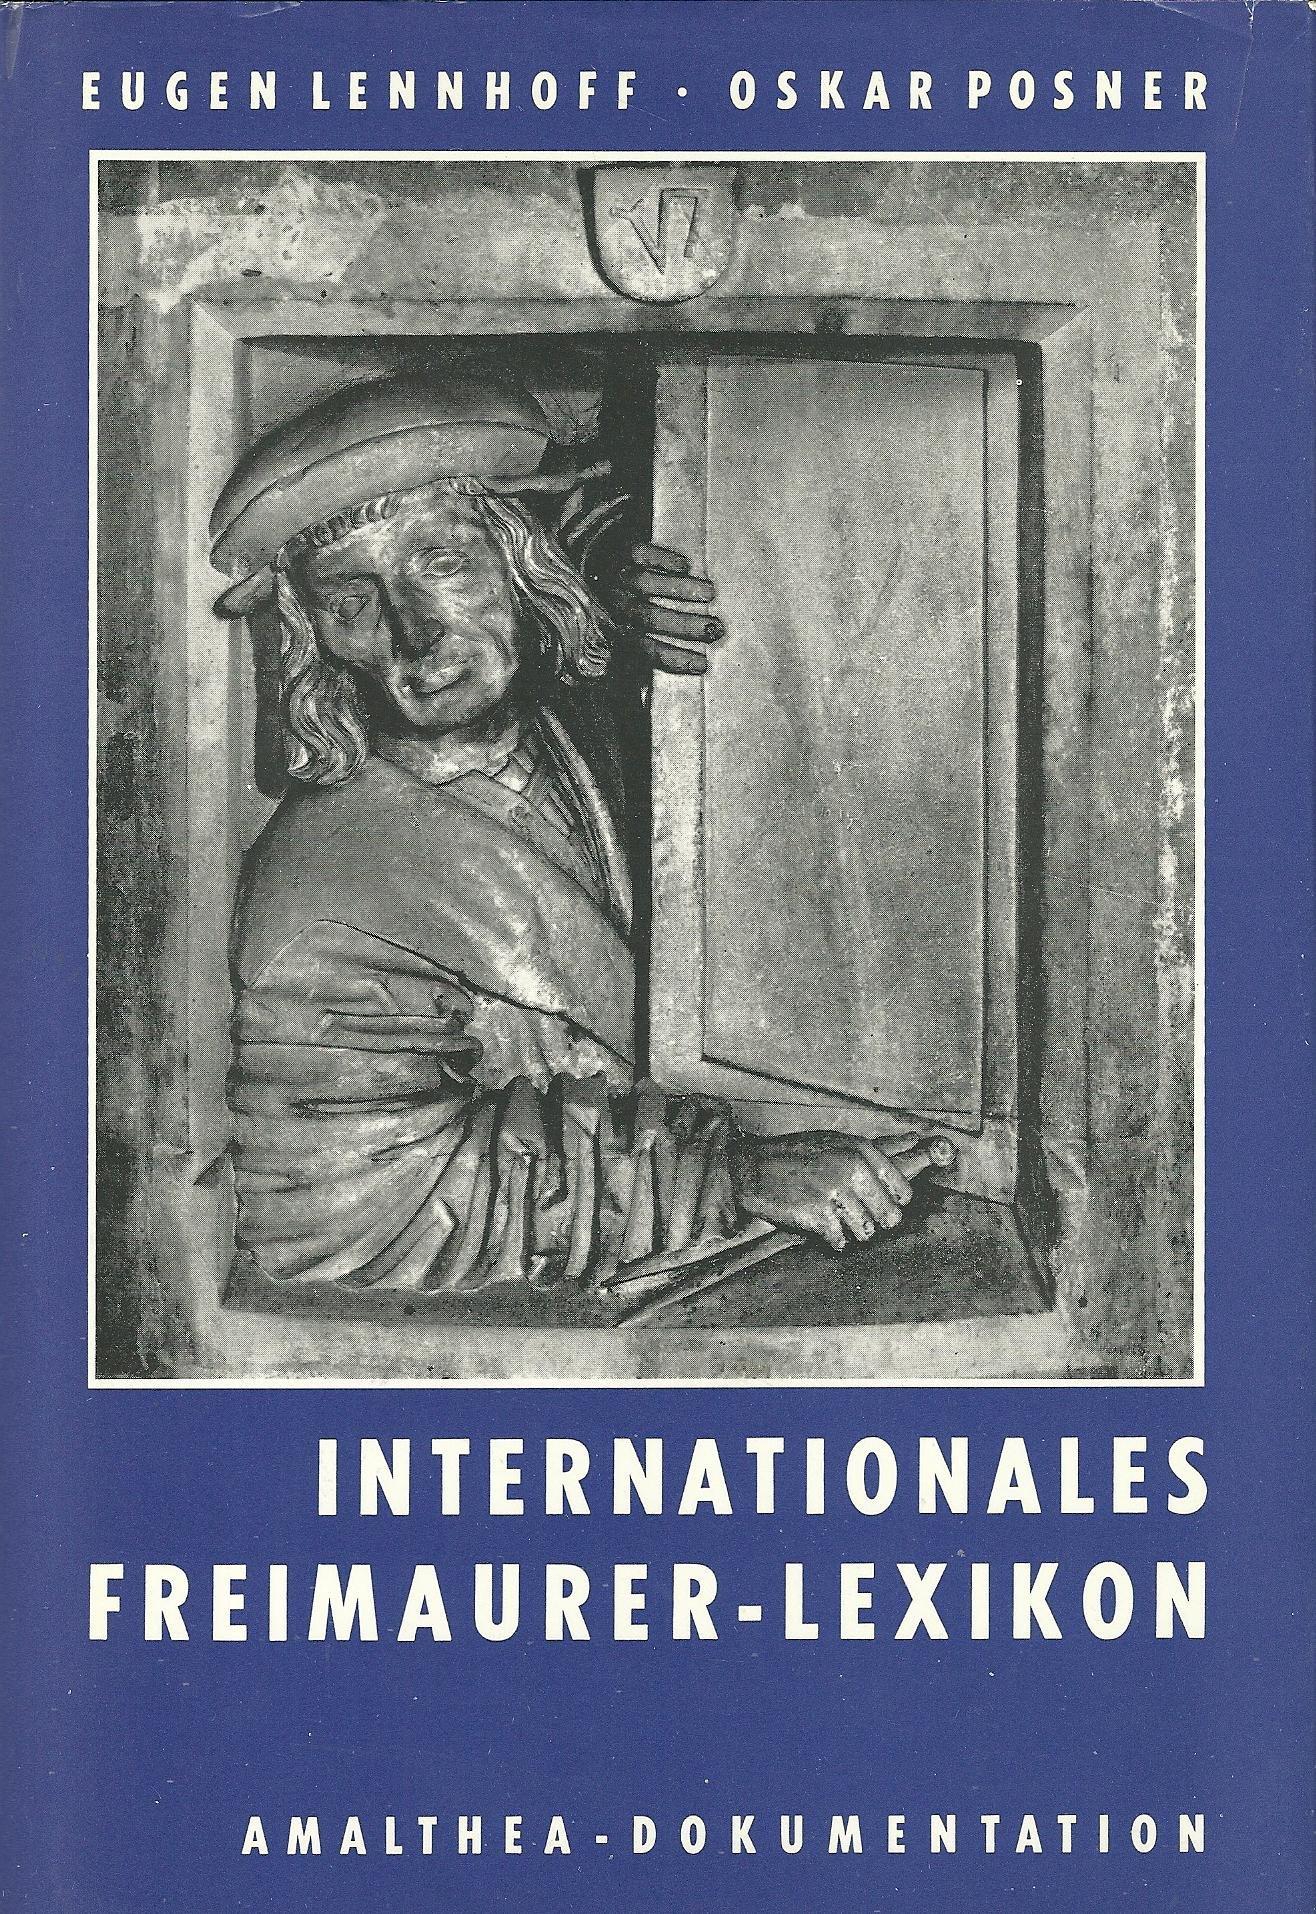 Internationales Freimaurer-Lexikon. Unveränderter Nachdruck der Ausgabe 1932.